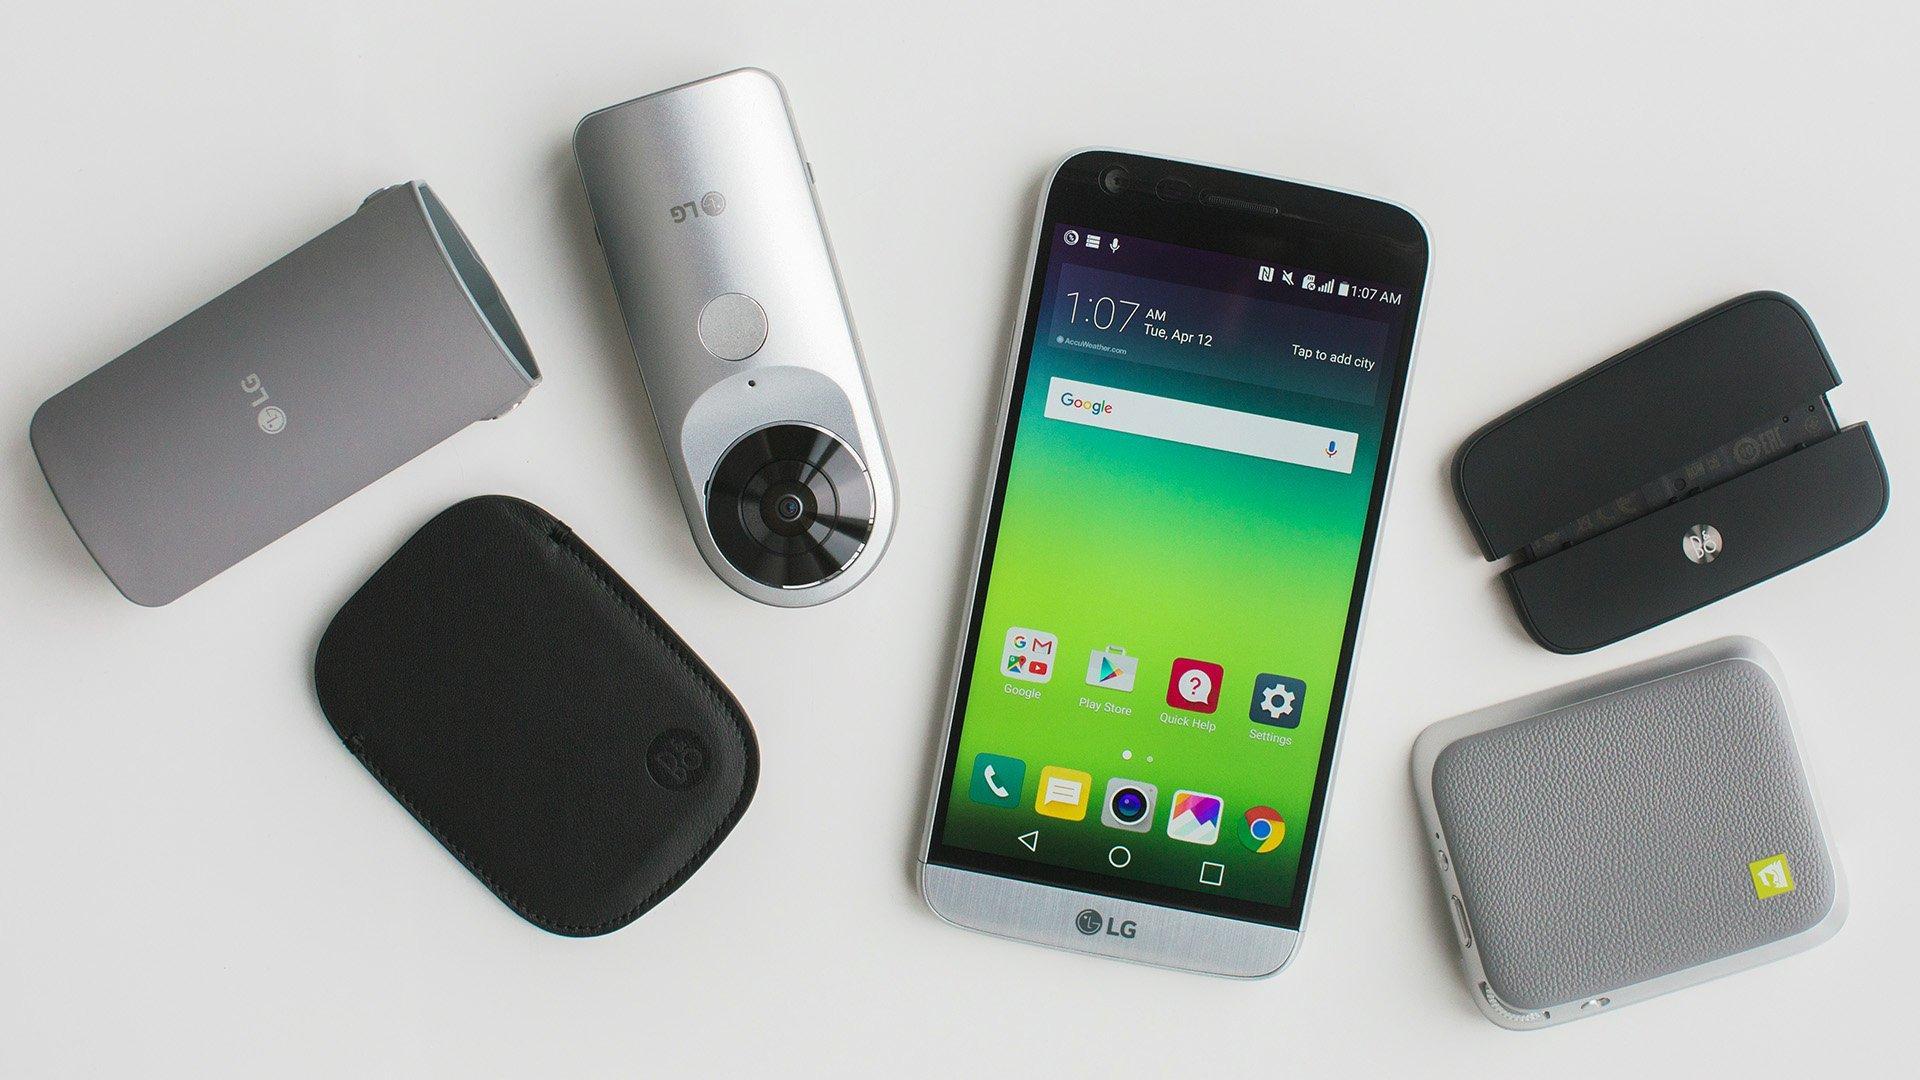 أسعار ومواصفات موبيل LG G5 ال جي جي 5